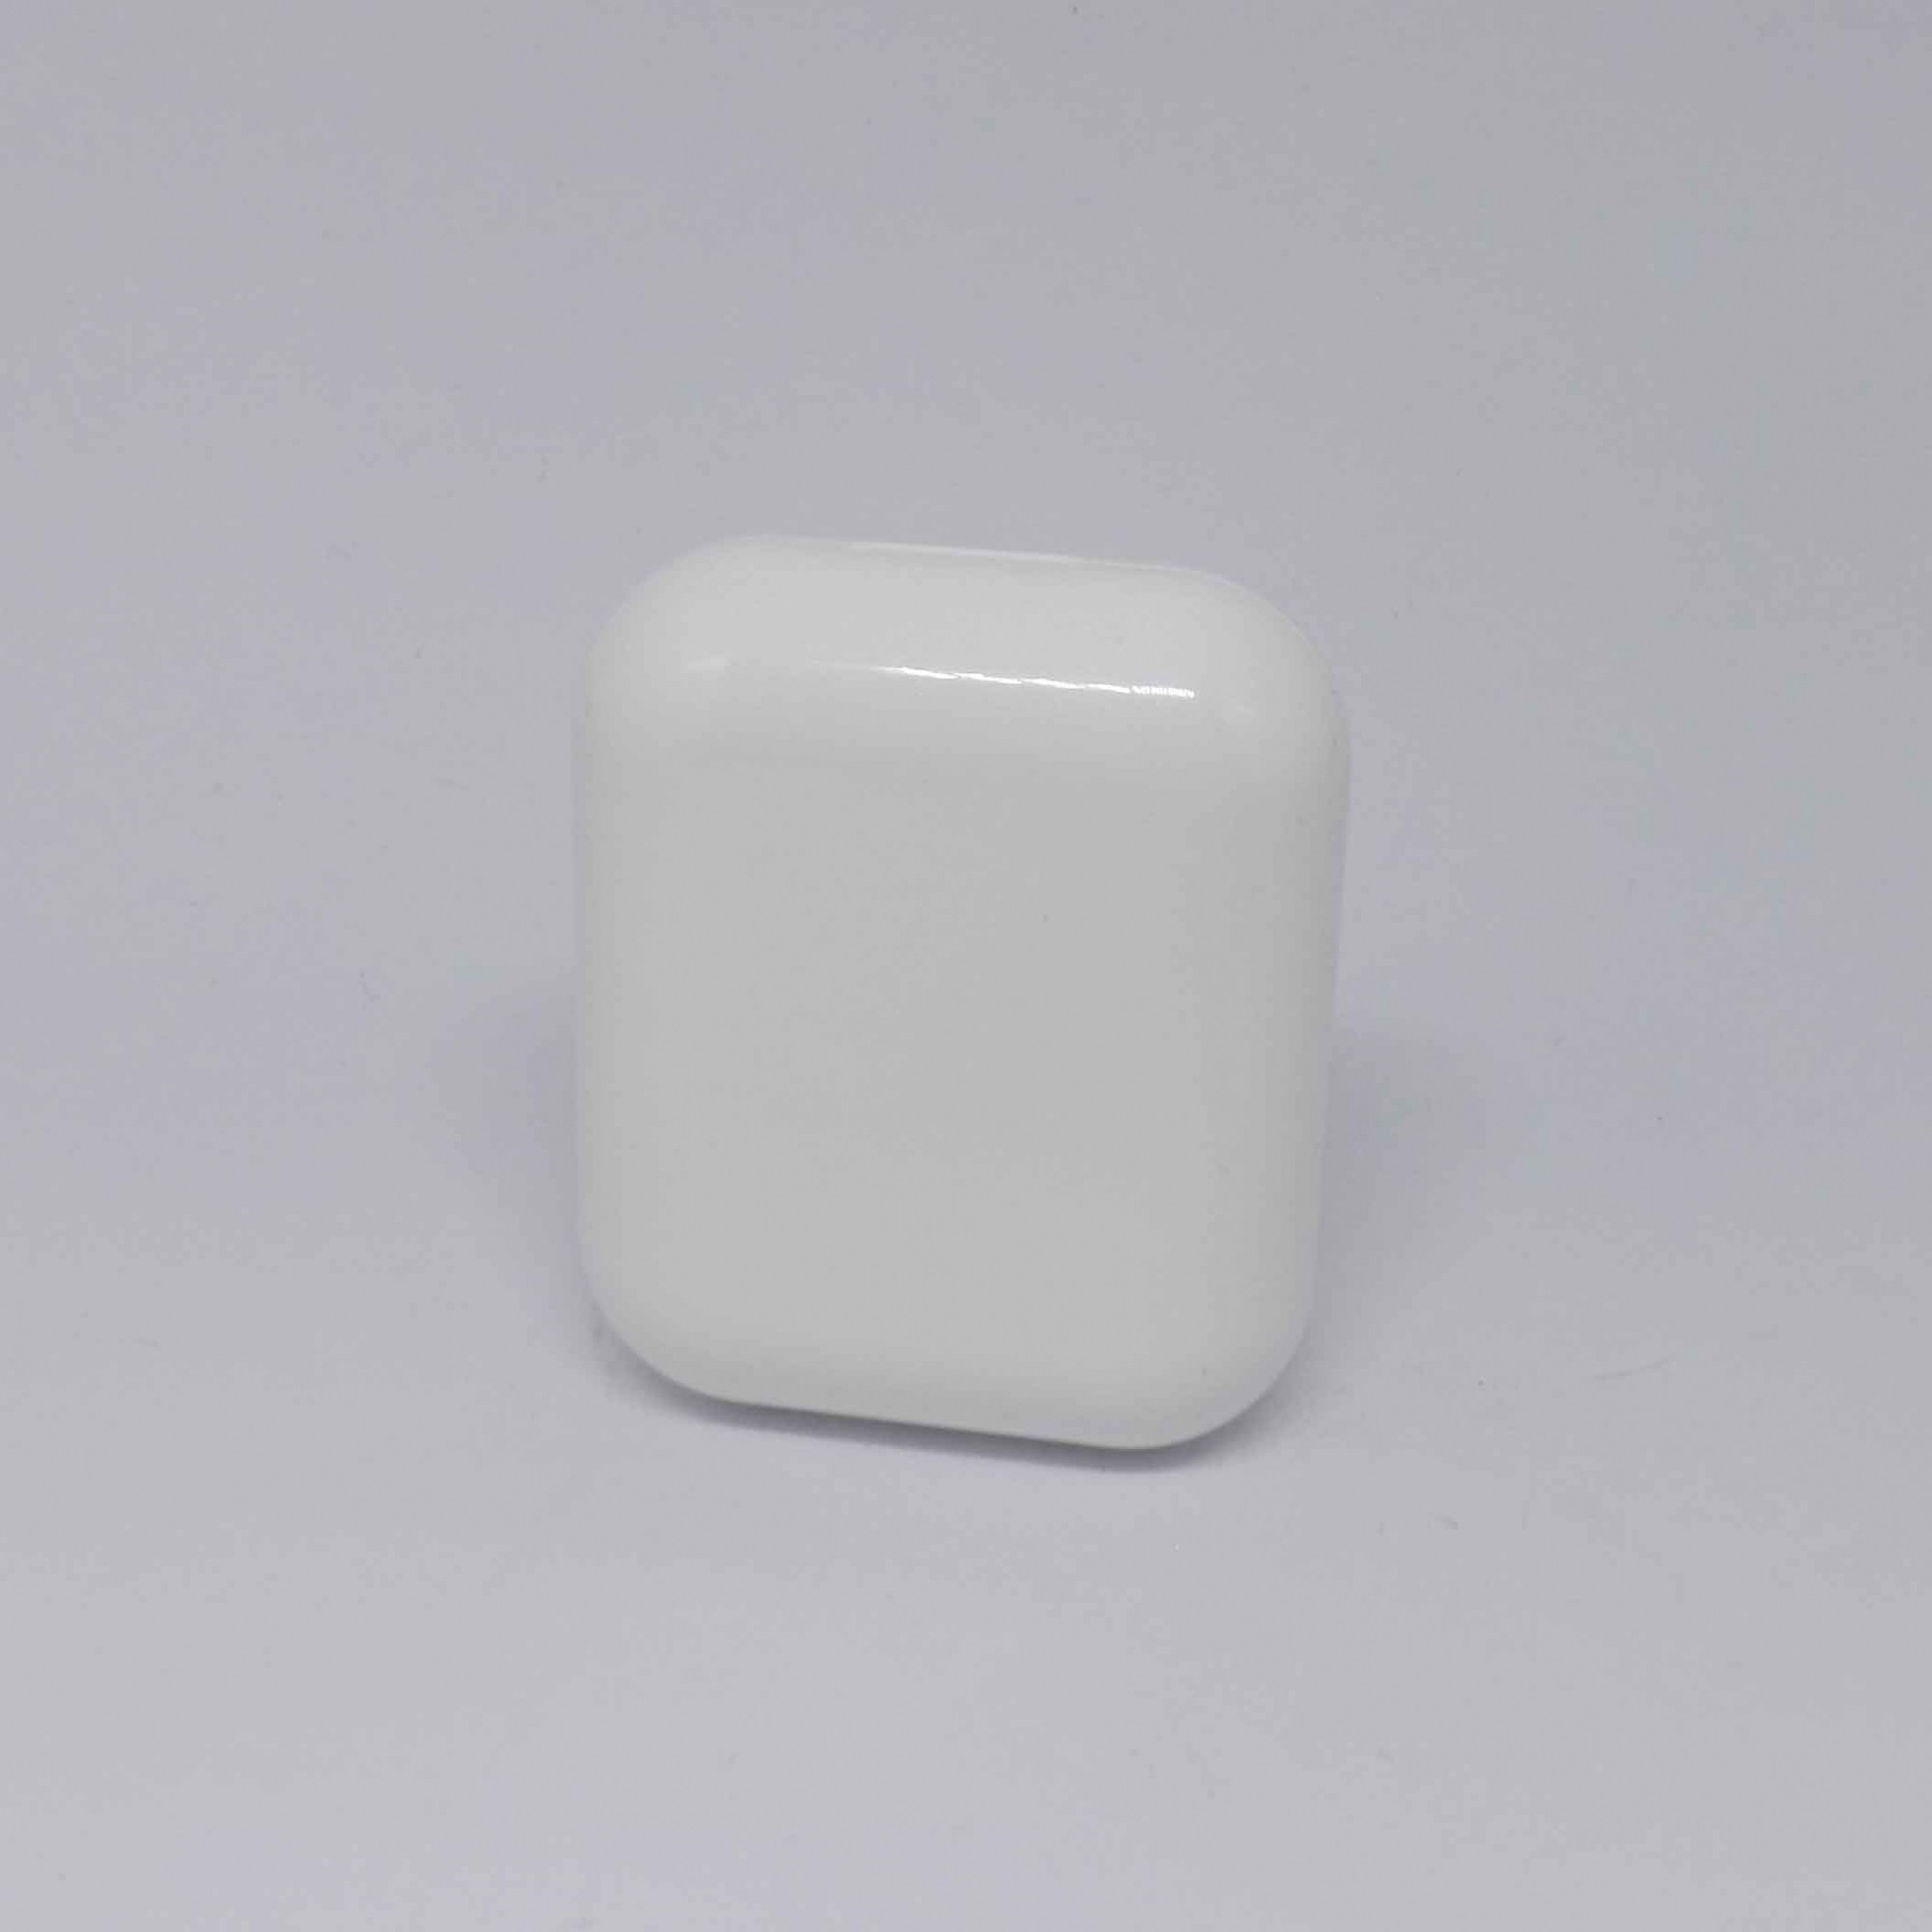 Fone de Ouvido i300 Bluetooth